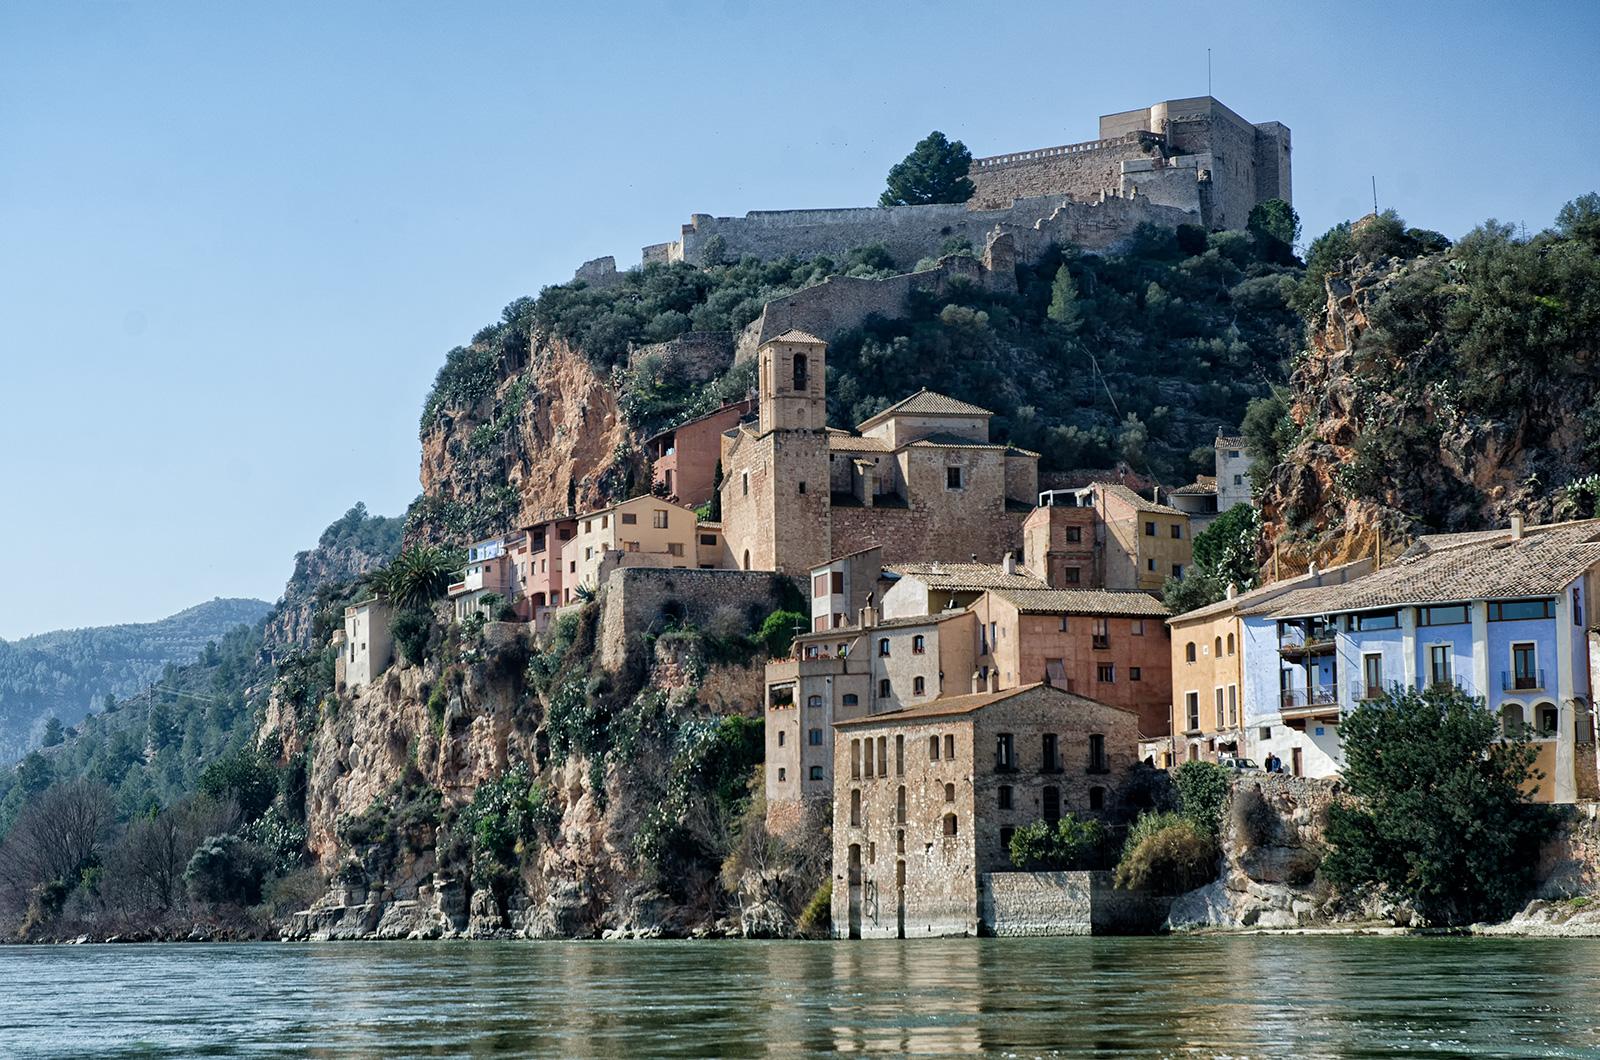 miravet castle spain